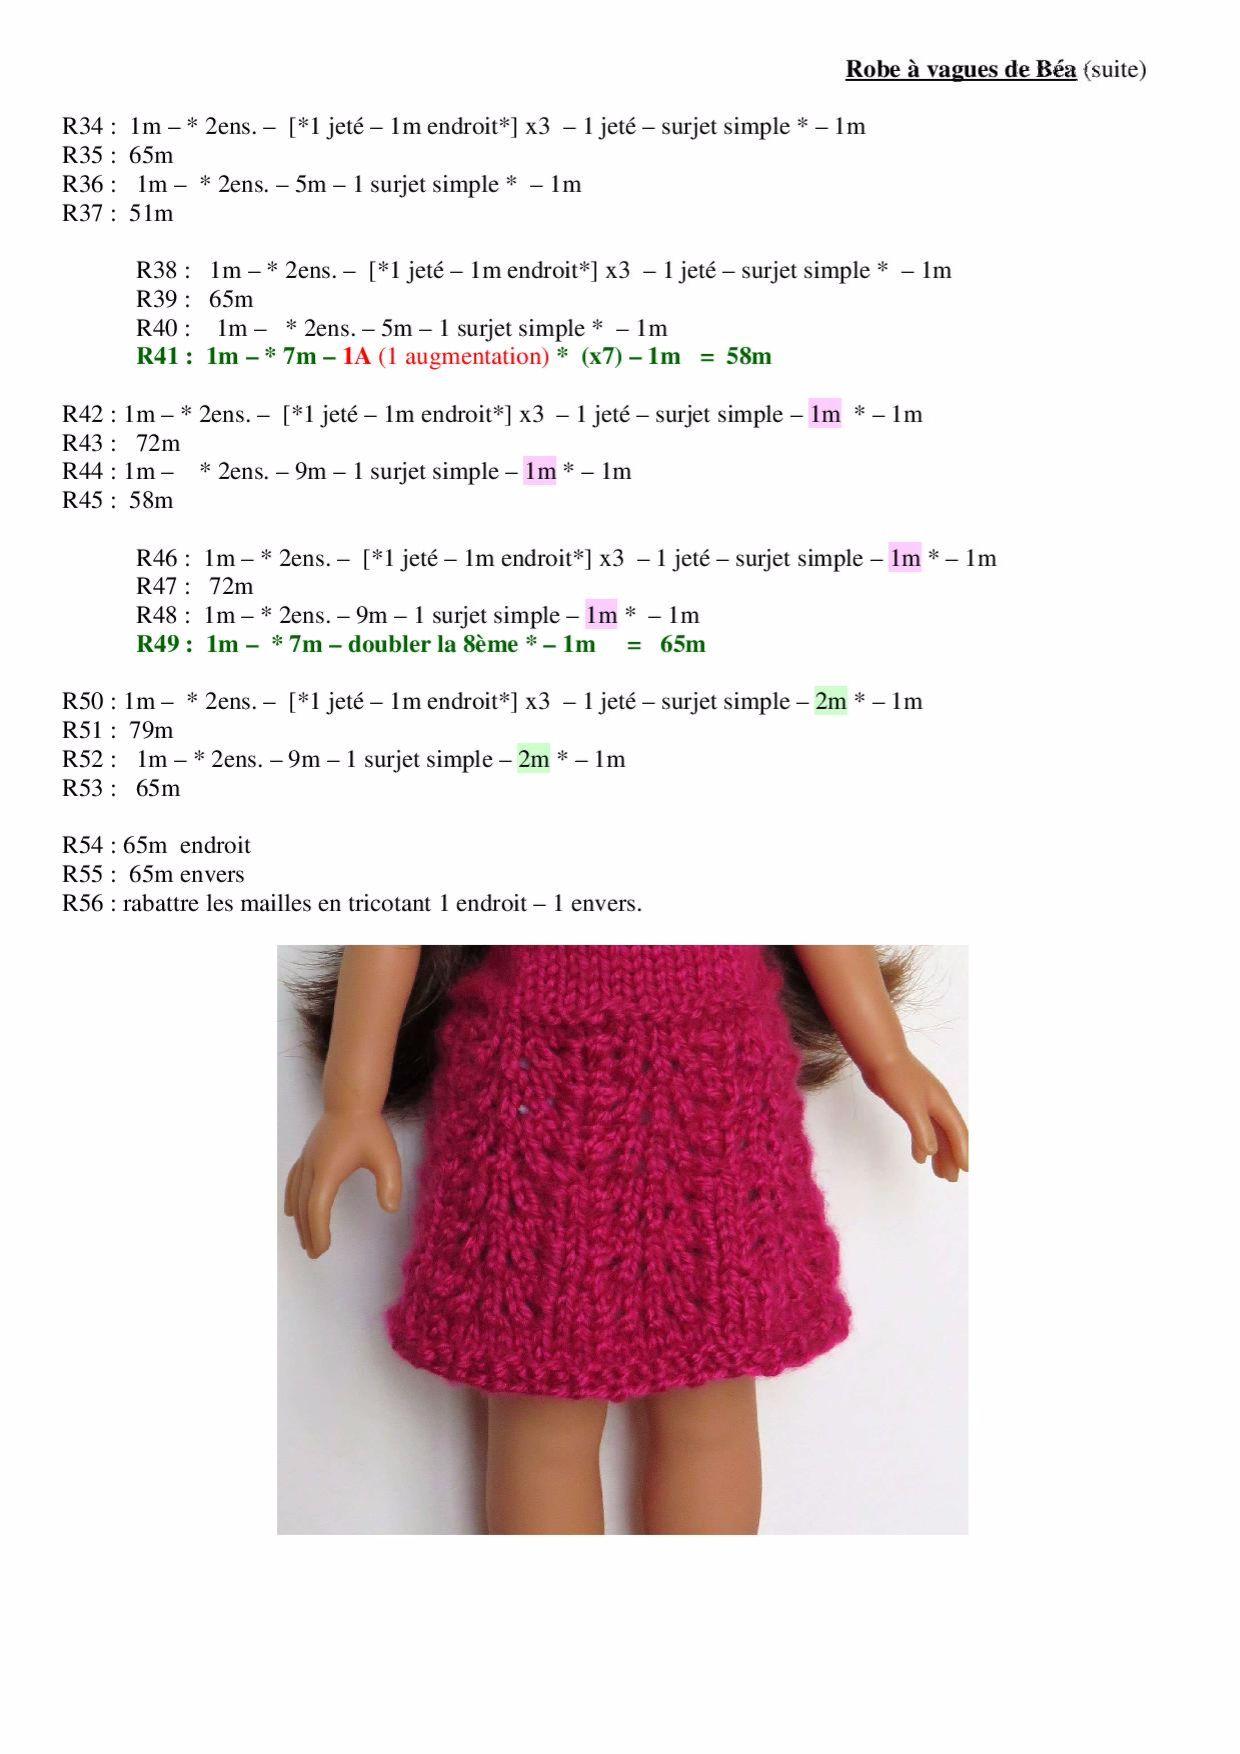 Robe à vagues-Rouge-page-002   Couture   Pinterest